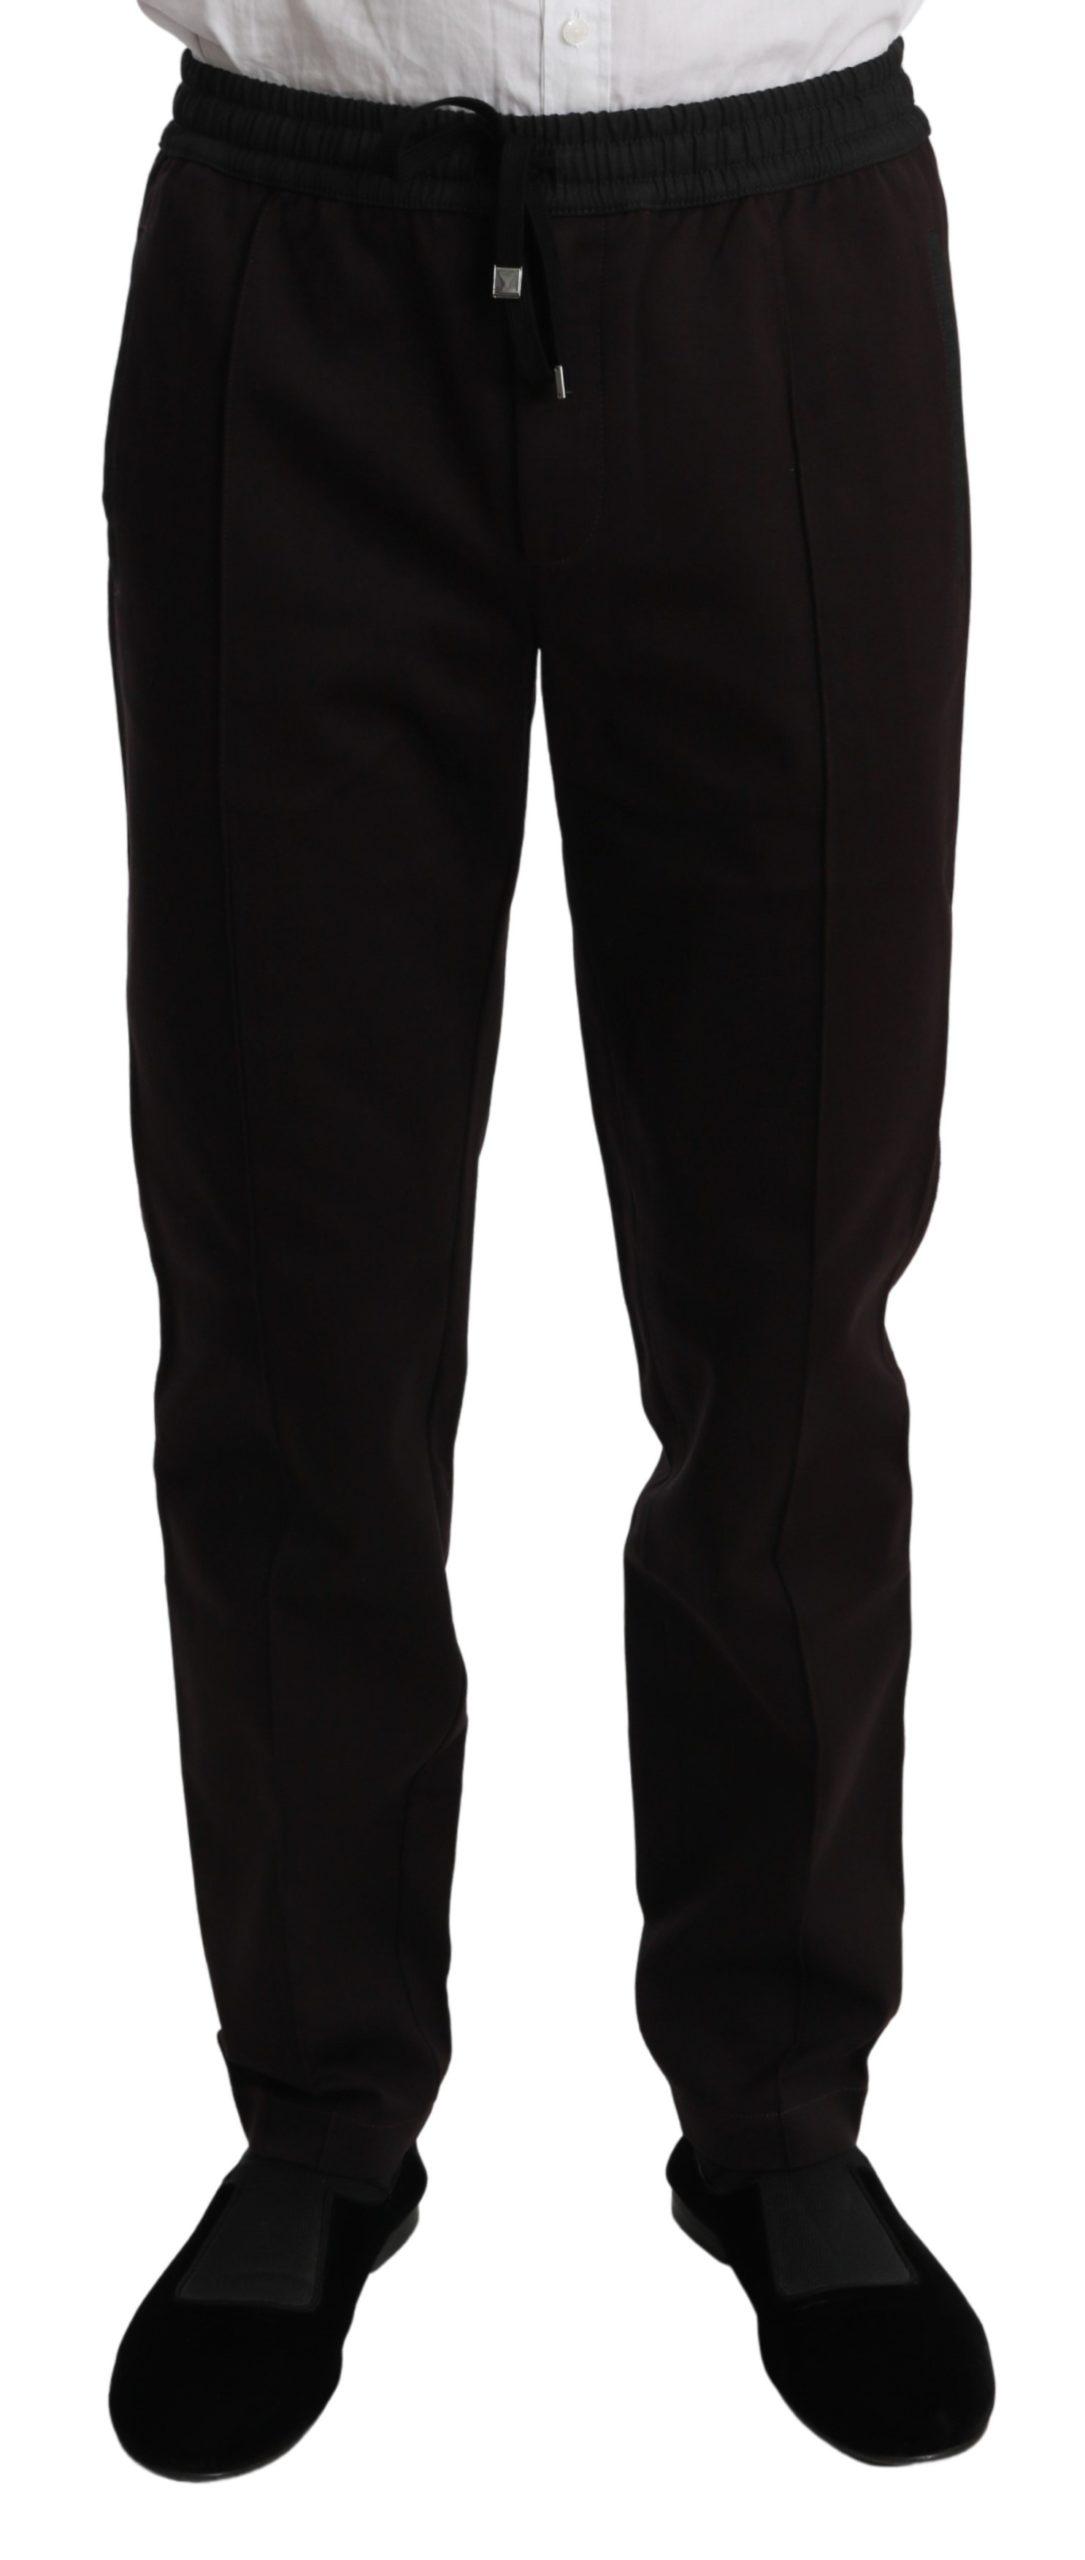 Dolce & Gabbana Men's Sweatpants Cotton Trouser Bordeaux PAN70997 - IT48 | M